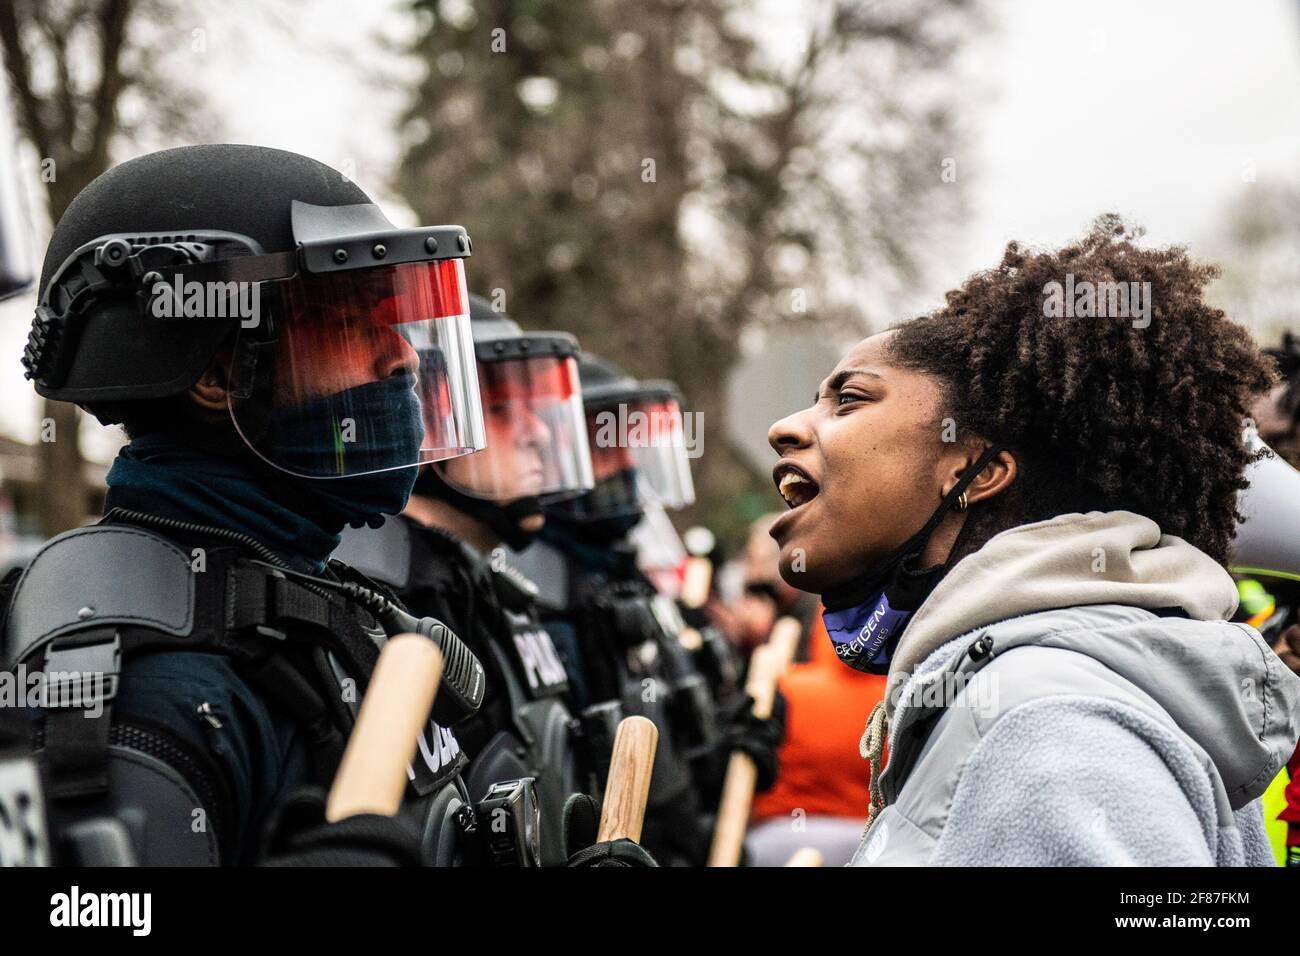 Brooklyn Center, Minnesota, le 11 avril 2021, les manifestants manifestent près de l'angle de Katherene Drive et de la 63e Avenue North le 11 avril 2021 à Brooklyn Center, Minnesota, après l'assassinat de Daunte Wright. Photo : Chris Tuite/ImageSPACE/MediaPunch Banque D'Images